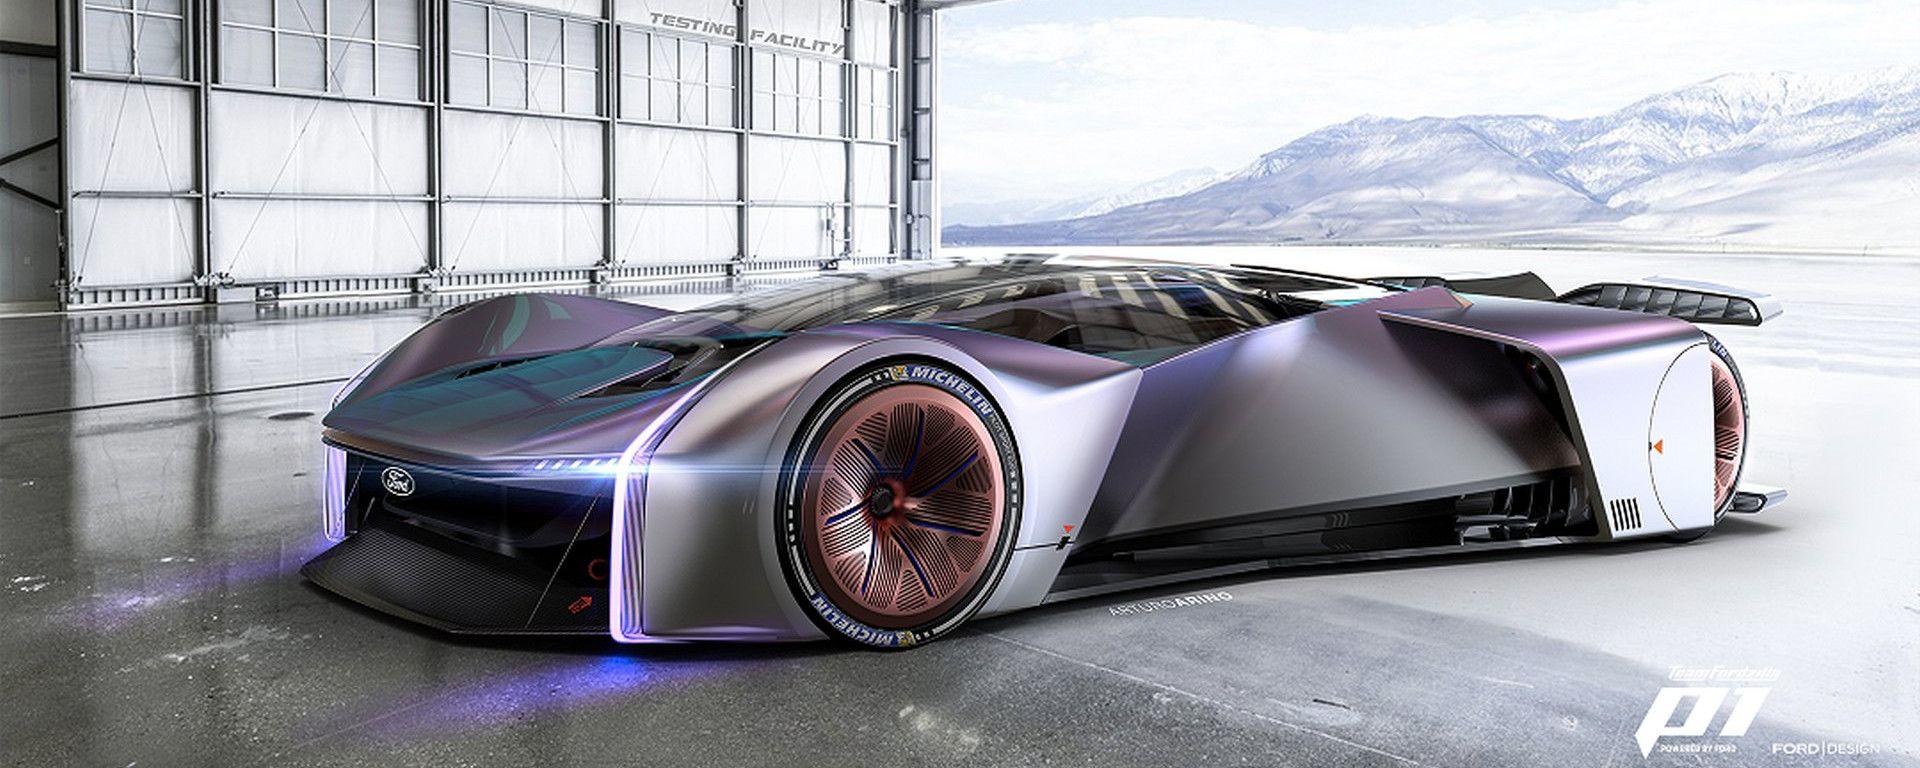 TeamFordzillaP1, l'auto da videogame di Ford